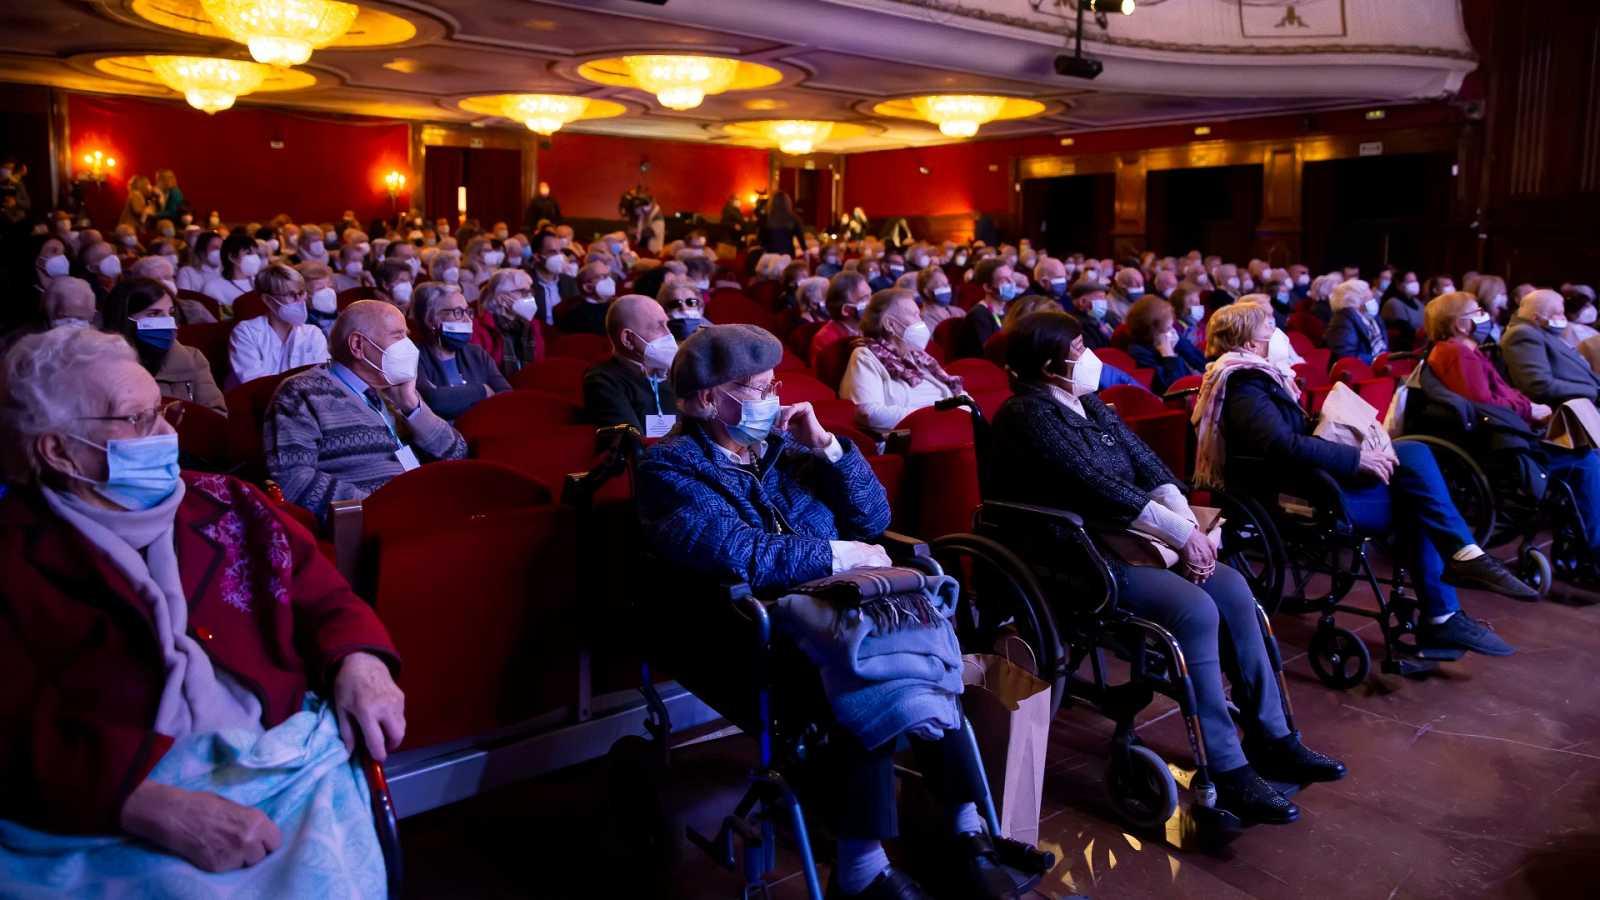 Más cerca - Doscientos mayores salen de la residencia para ir al teatro - Escuchar ahora